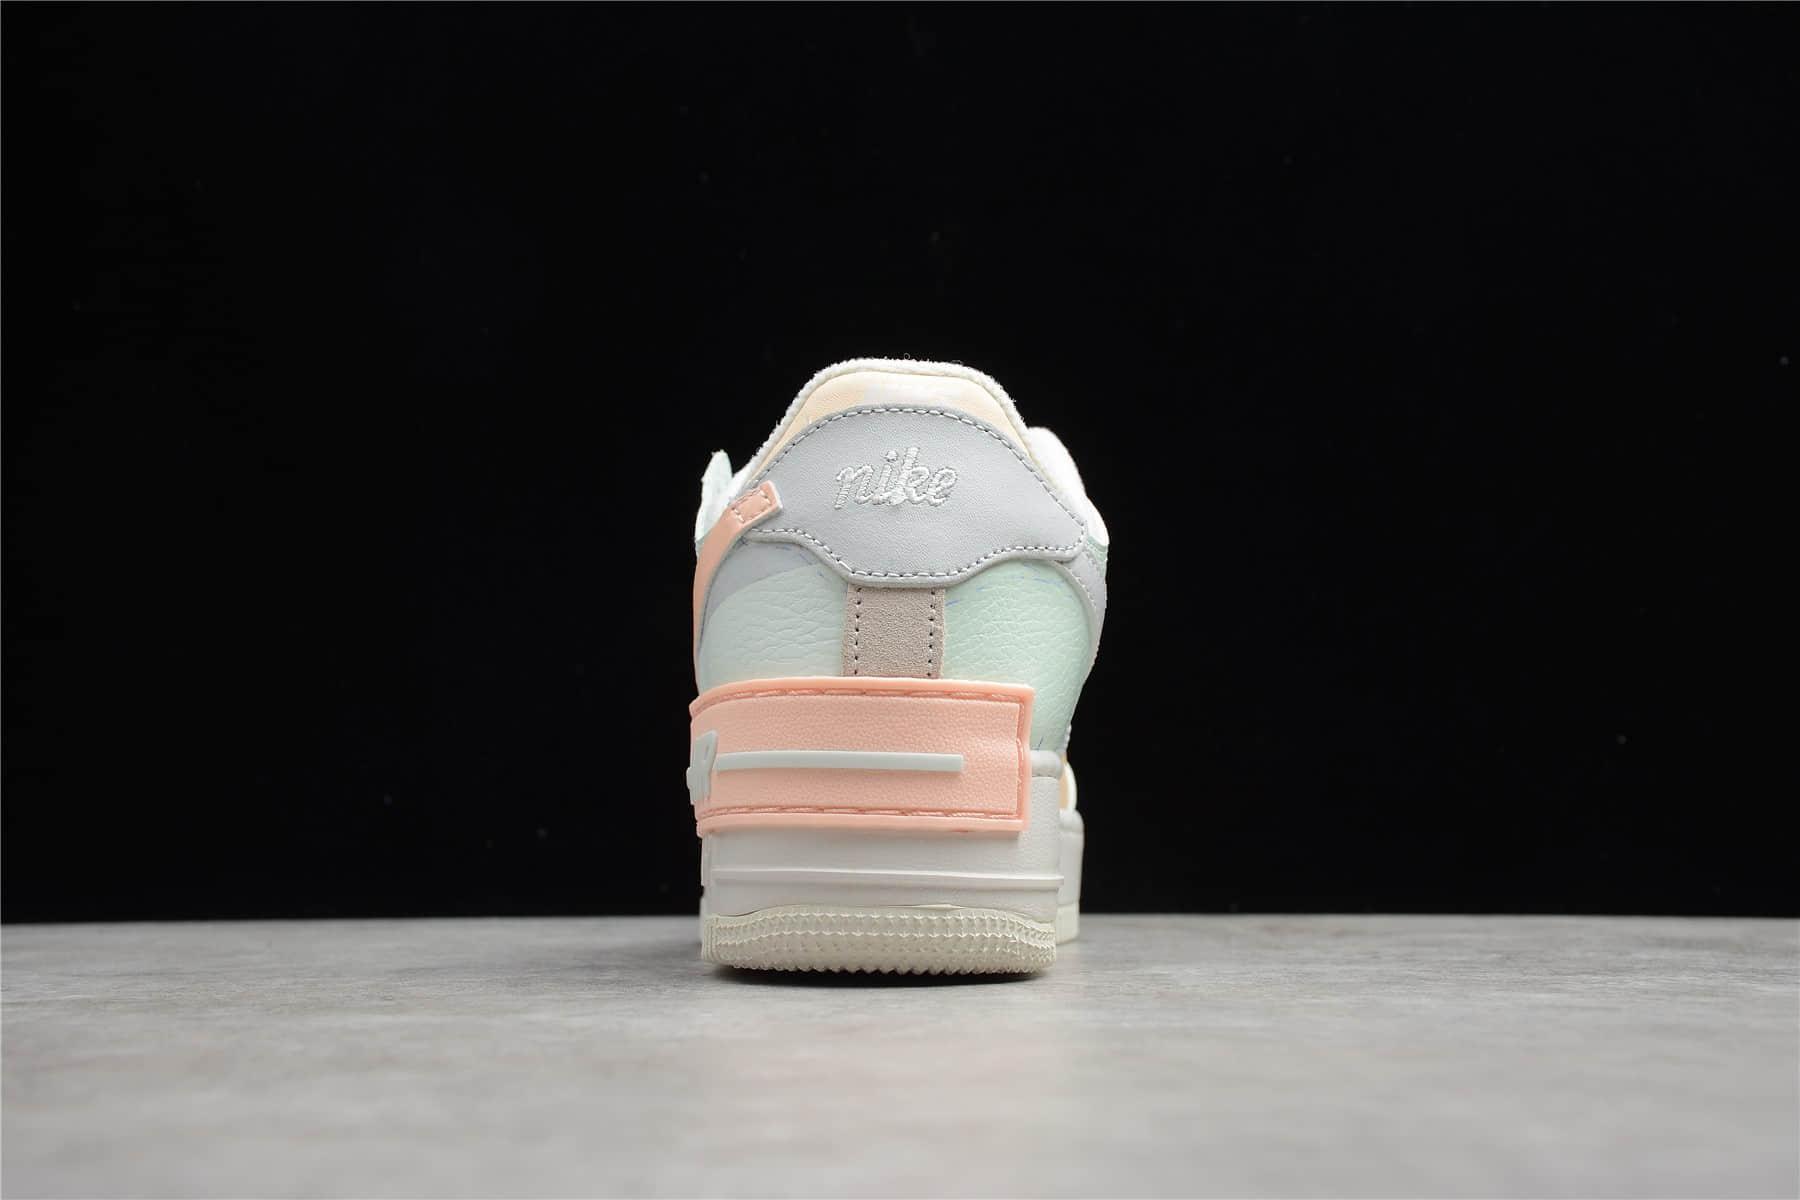 耐克空军马卡龙淡绿粉 Nike Air Force 1 Shadow 公司级版本原厂耐克空军渠道 耐克空军女鞋 货号:CU8591-104-潮流者之家